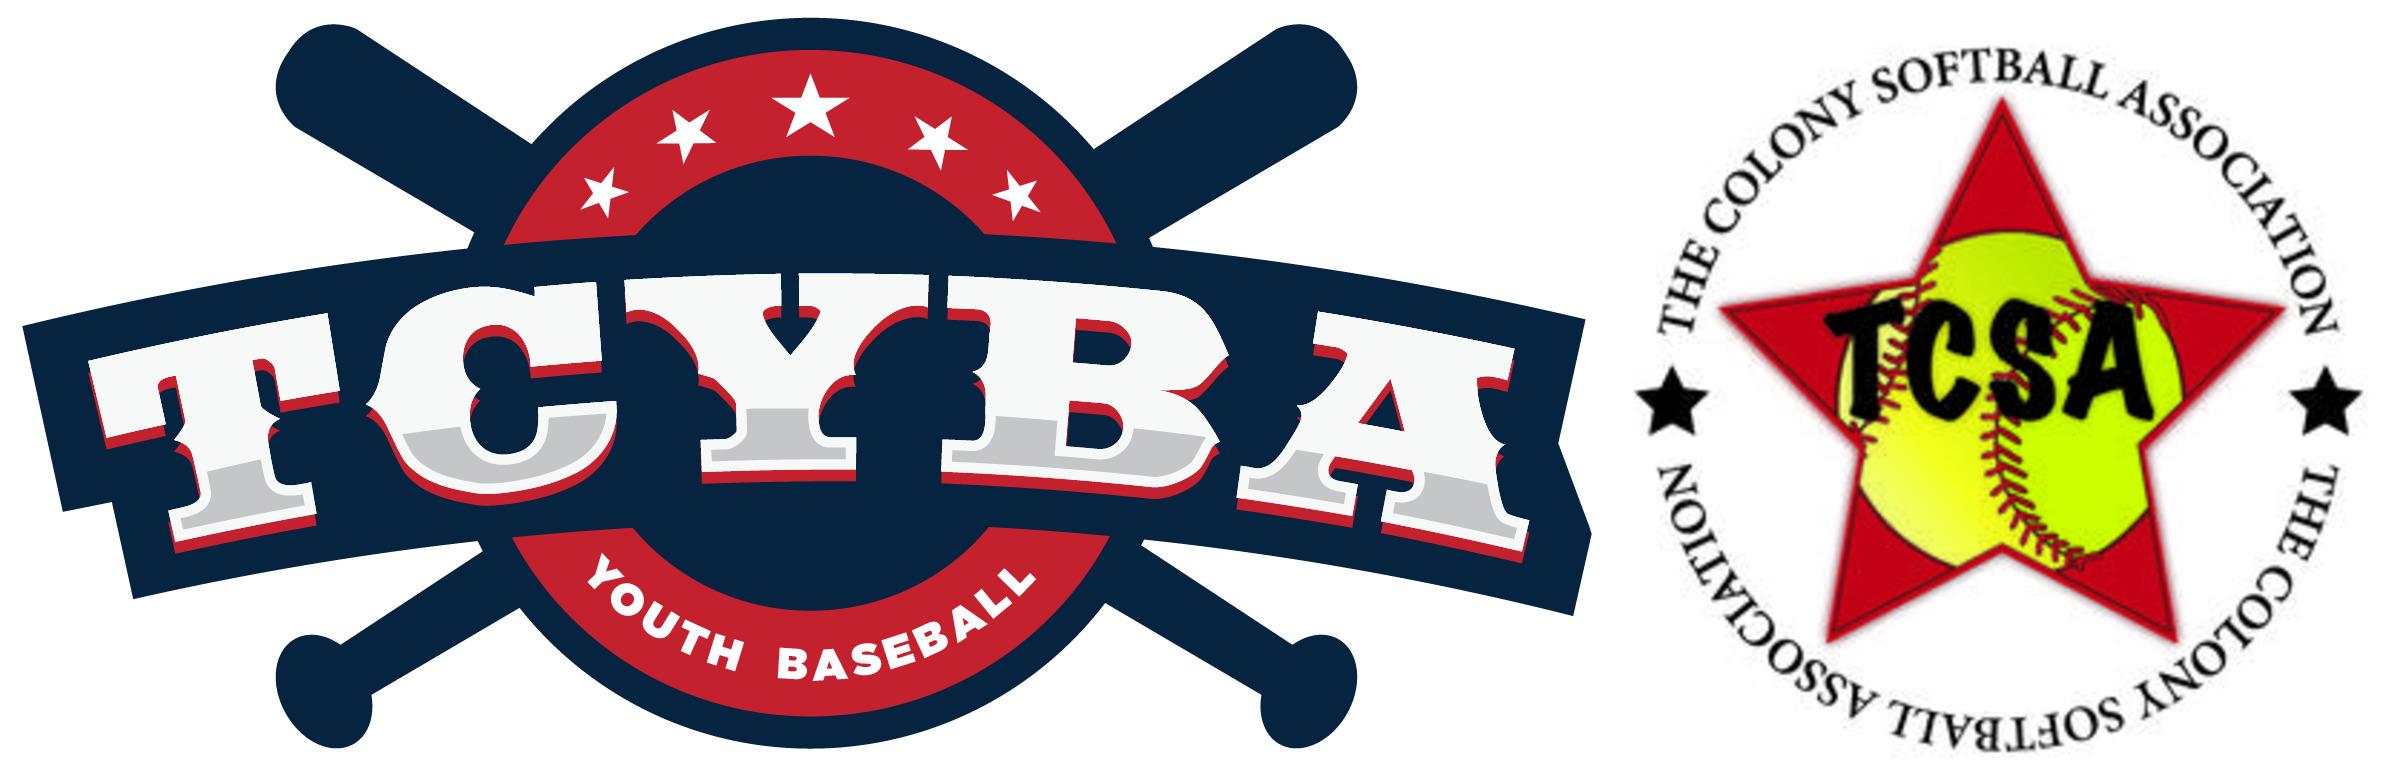 TCYBA baseball and softball logos